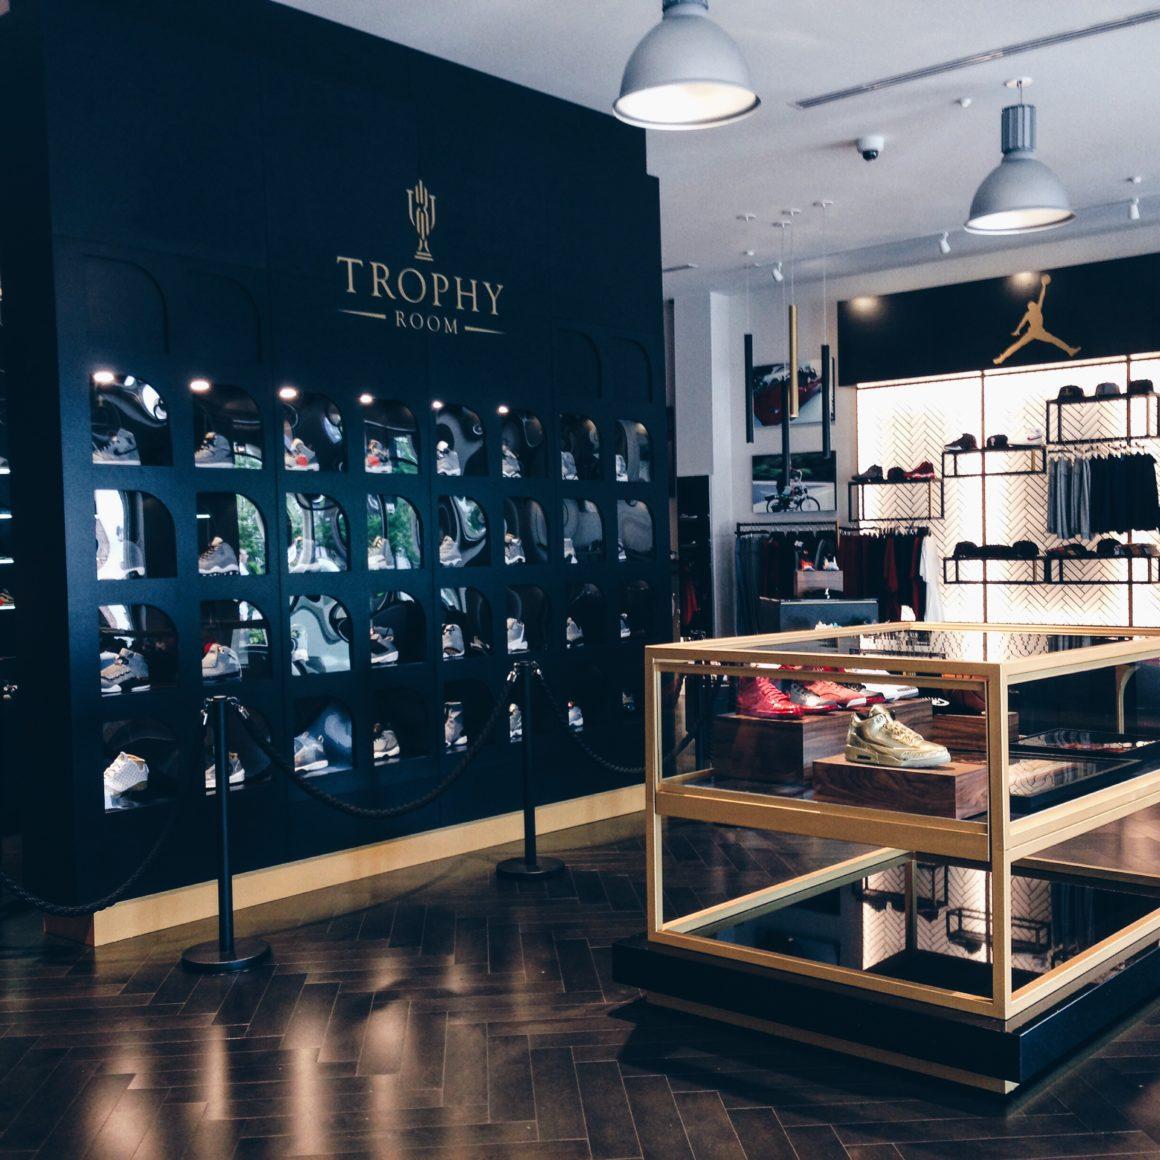 VISITORS: Desempacados En Trophy Room Store